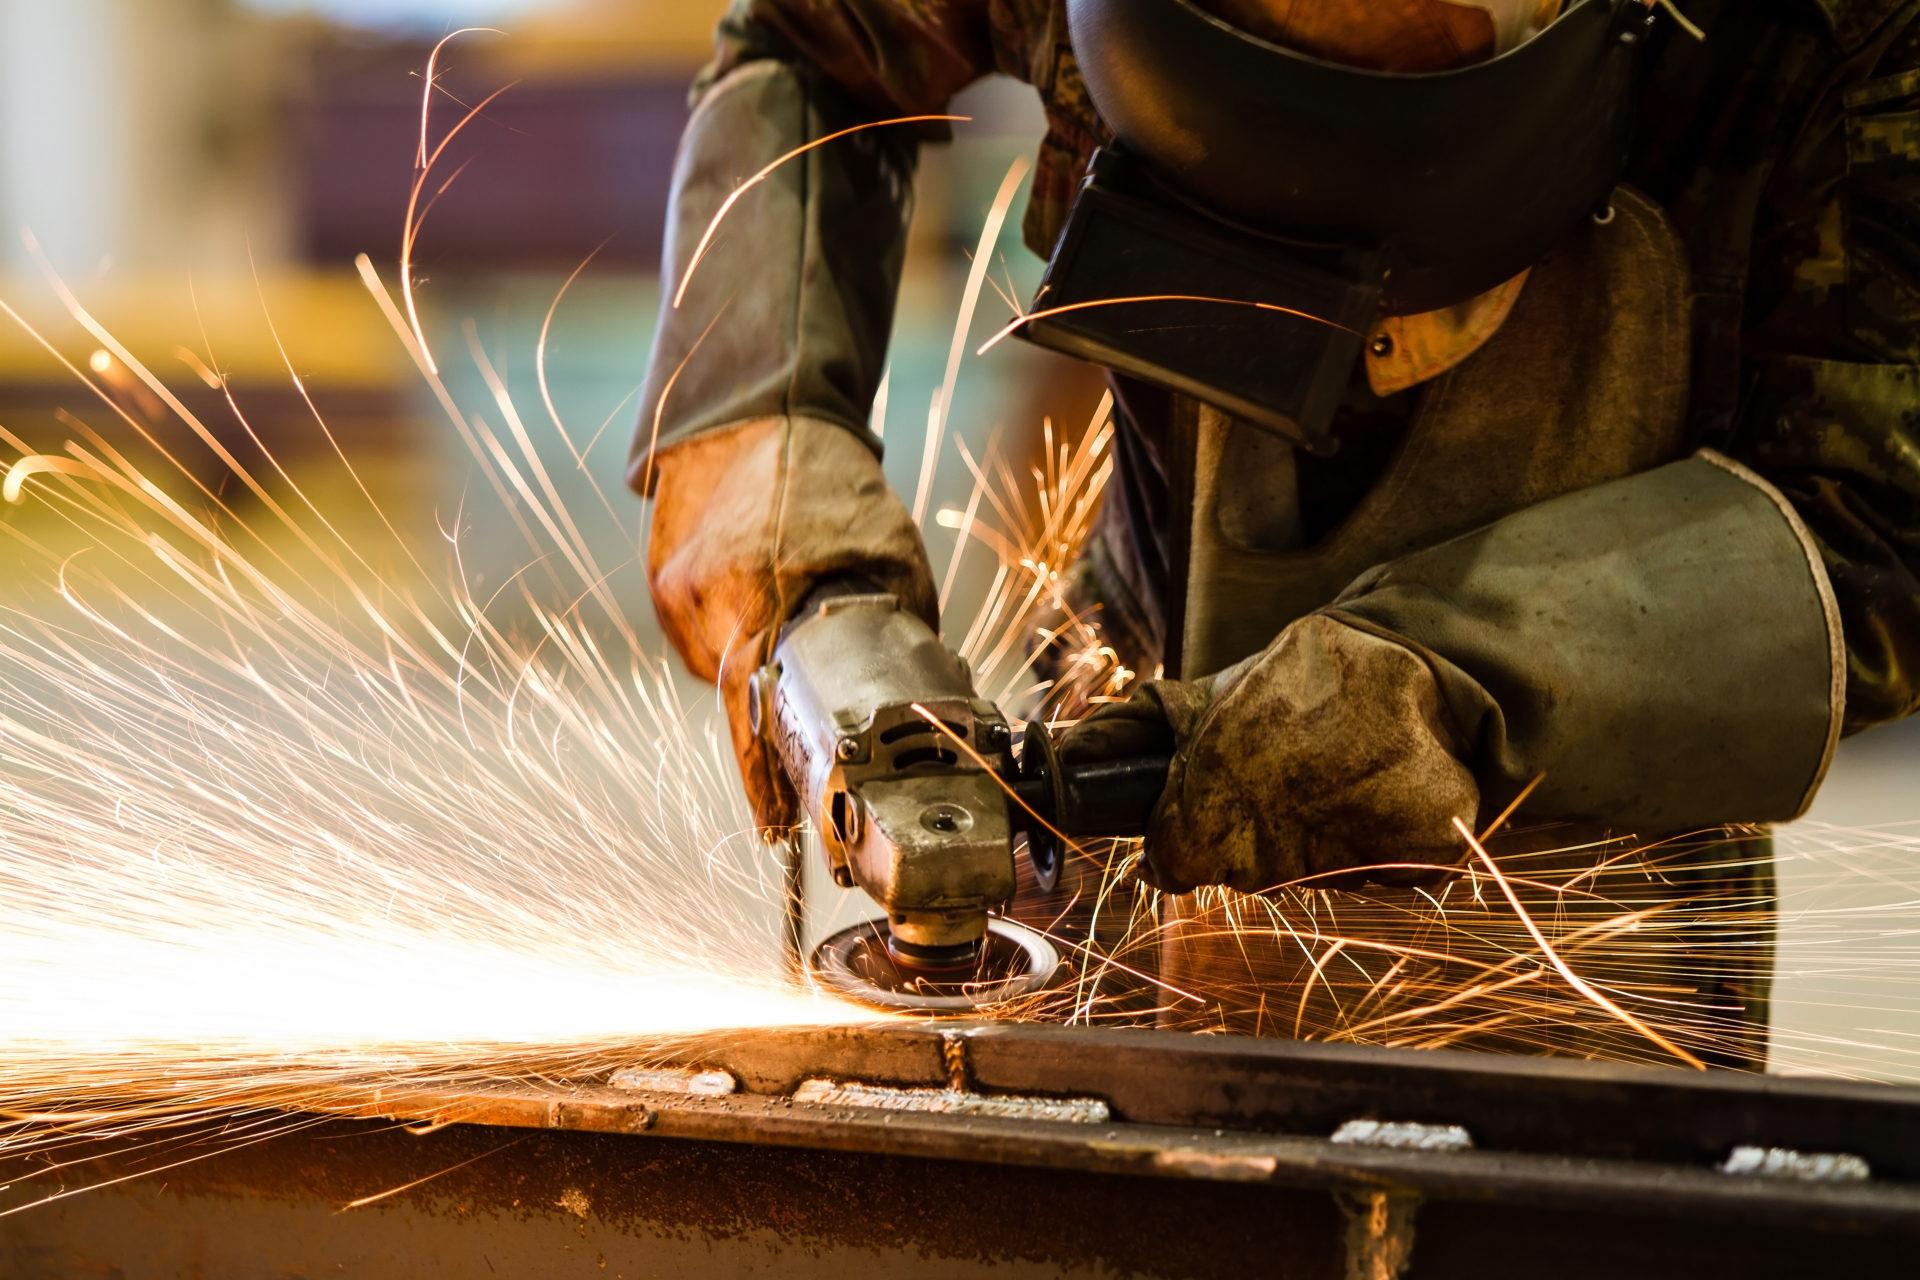 フィリピンの男性の出稼ぎ労働者の多くは建設関係の仕事に勤めている